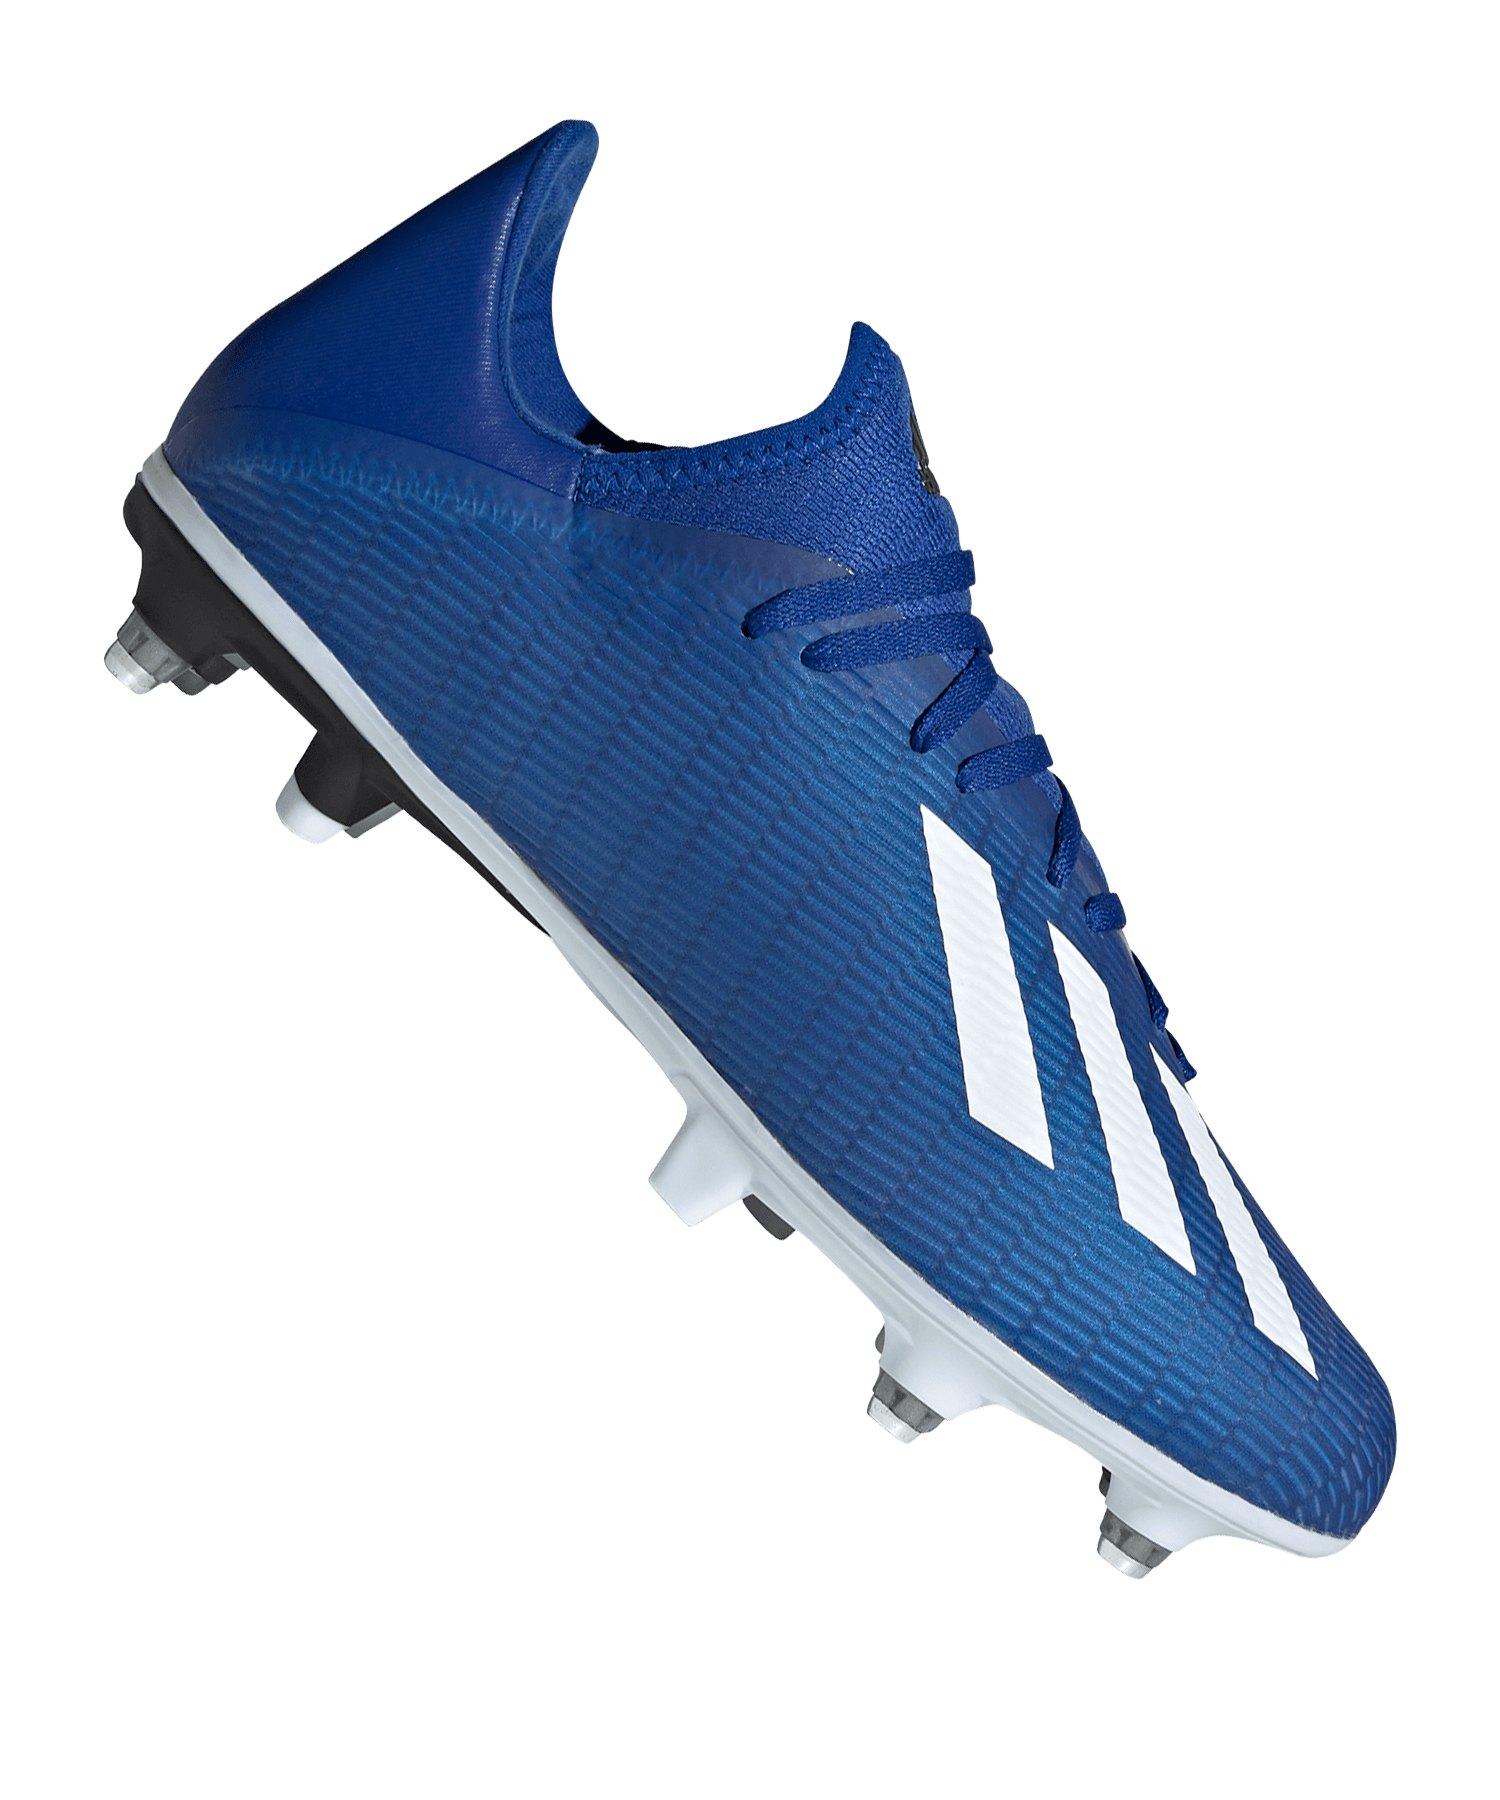 adidas X 19.3 SG Blau Schwarz - blau